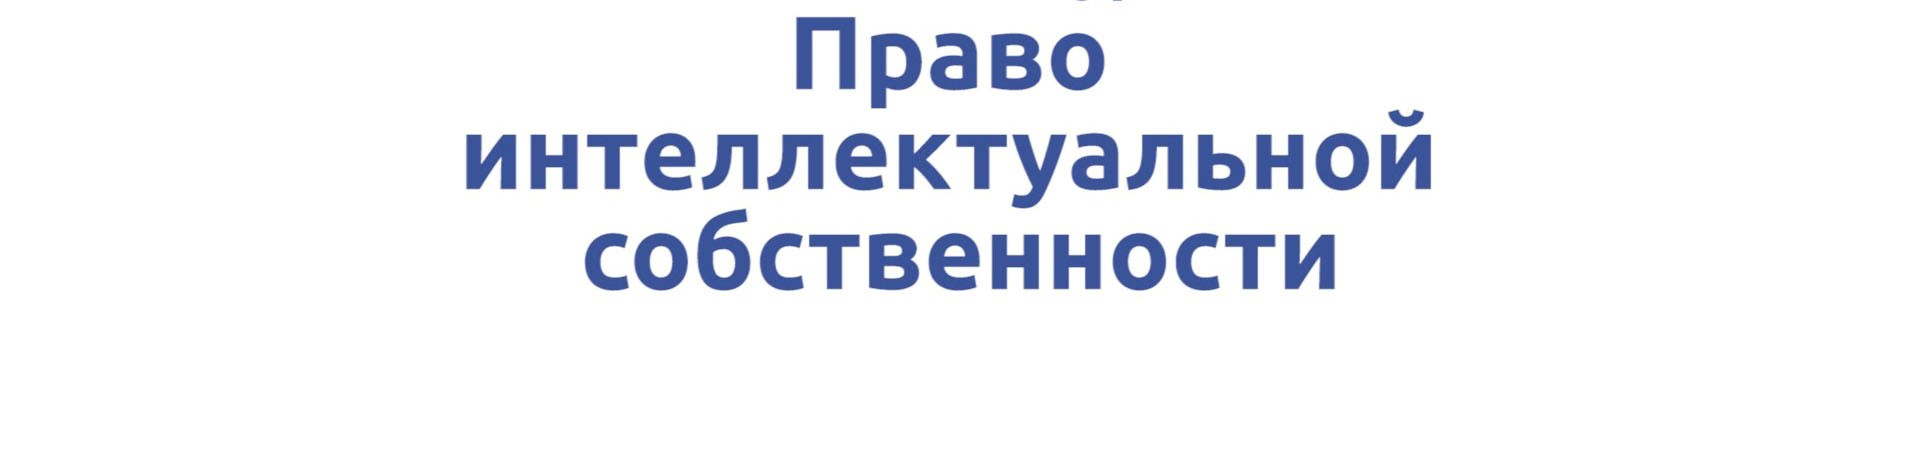 Права автора и компания на Logo